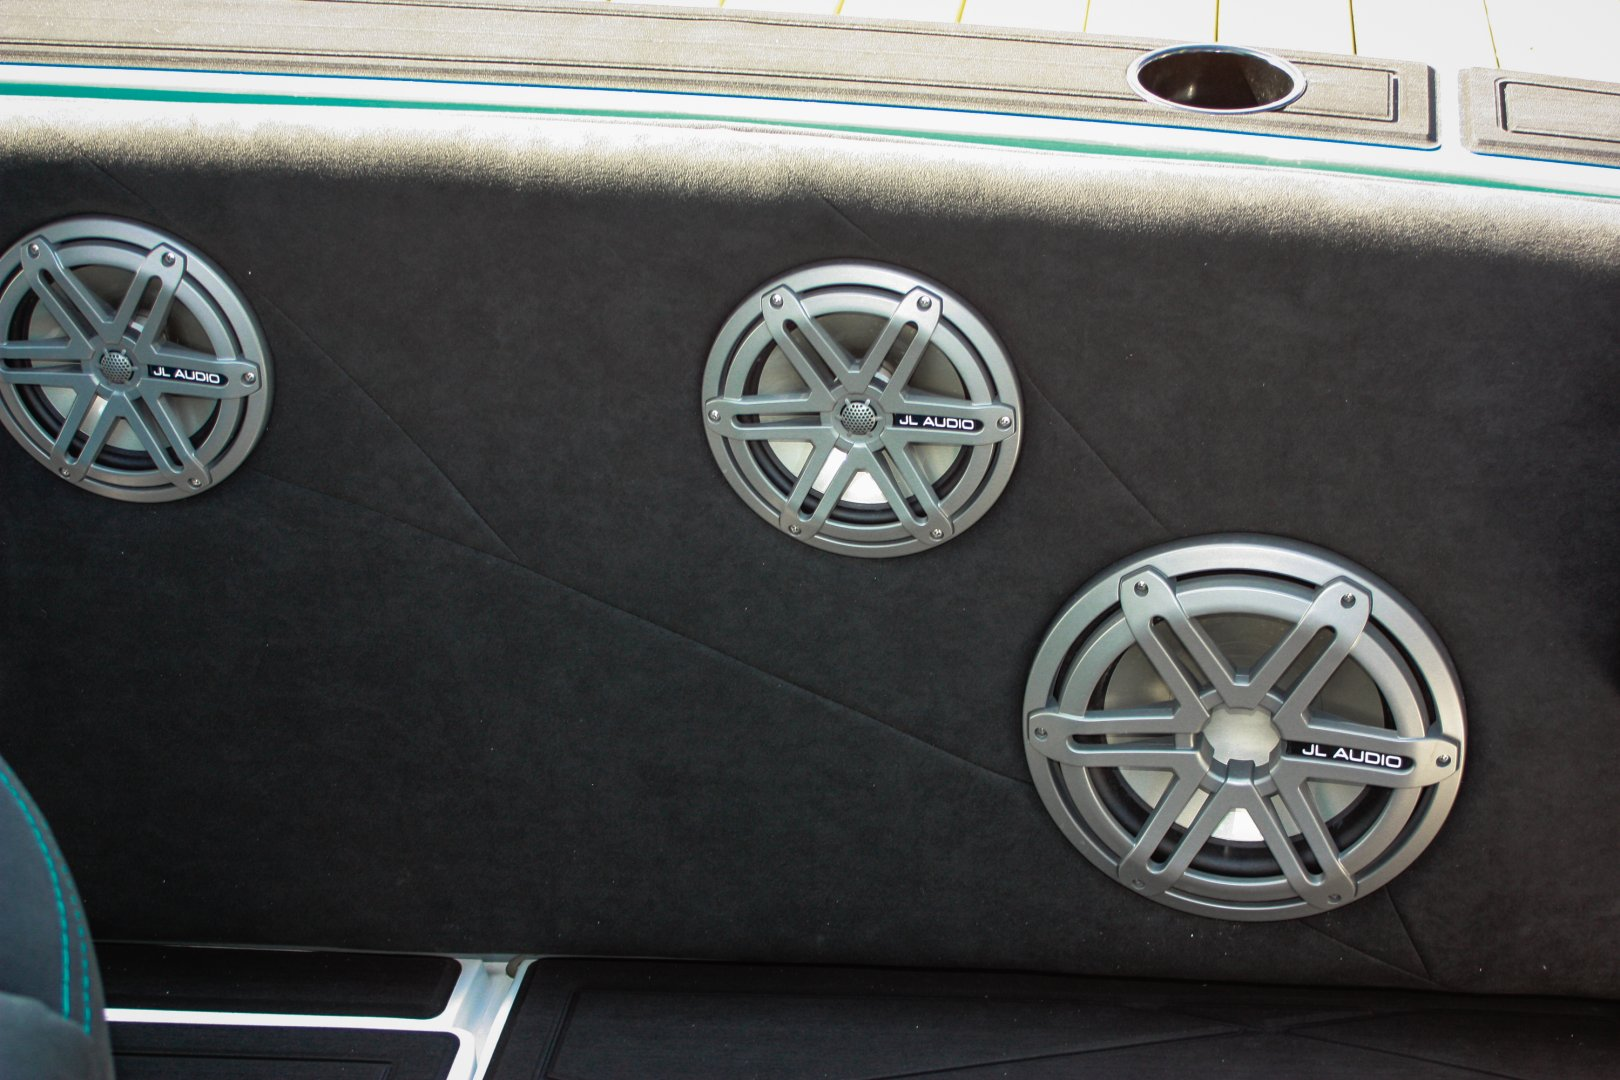 29 st 38 speakers 1.jpg